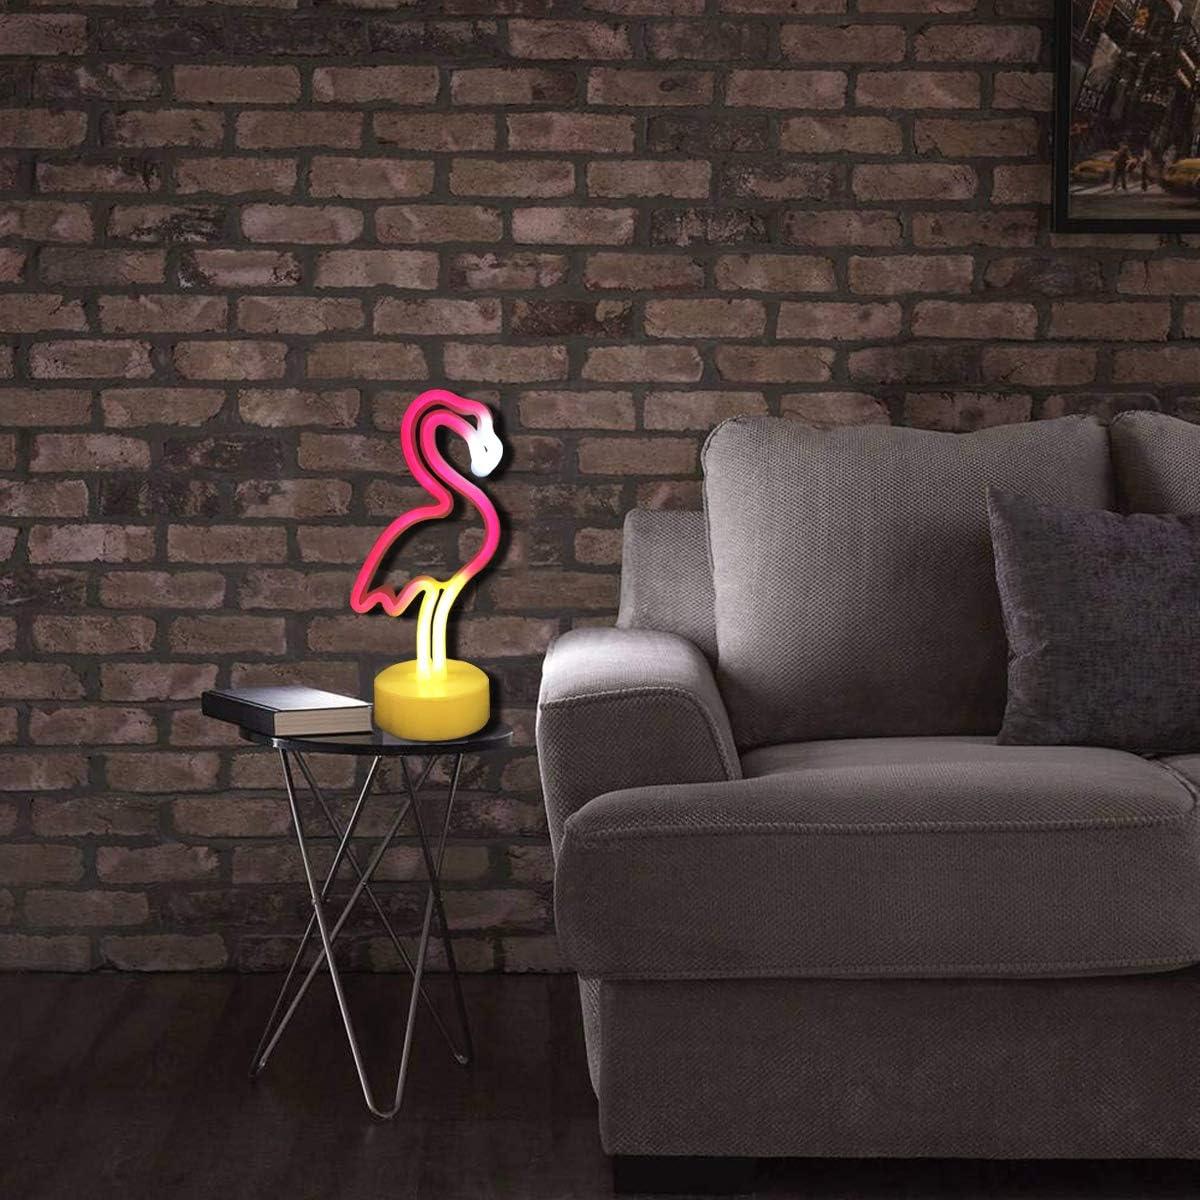 decoraci/ón de pared para decoraci/ón de pared dormitorio Luces de ne/ón arco/íris se/ñales l/ámpara de pared arco/íris bater/ía o luces LED de funcionamiento USB arco/íris luz marquesina